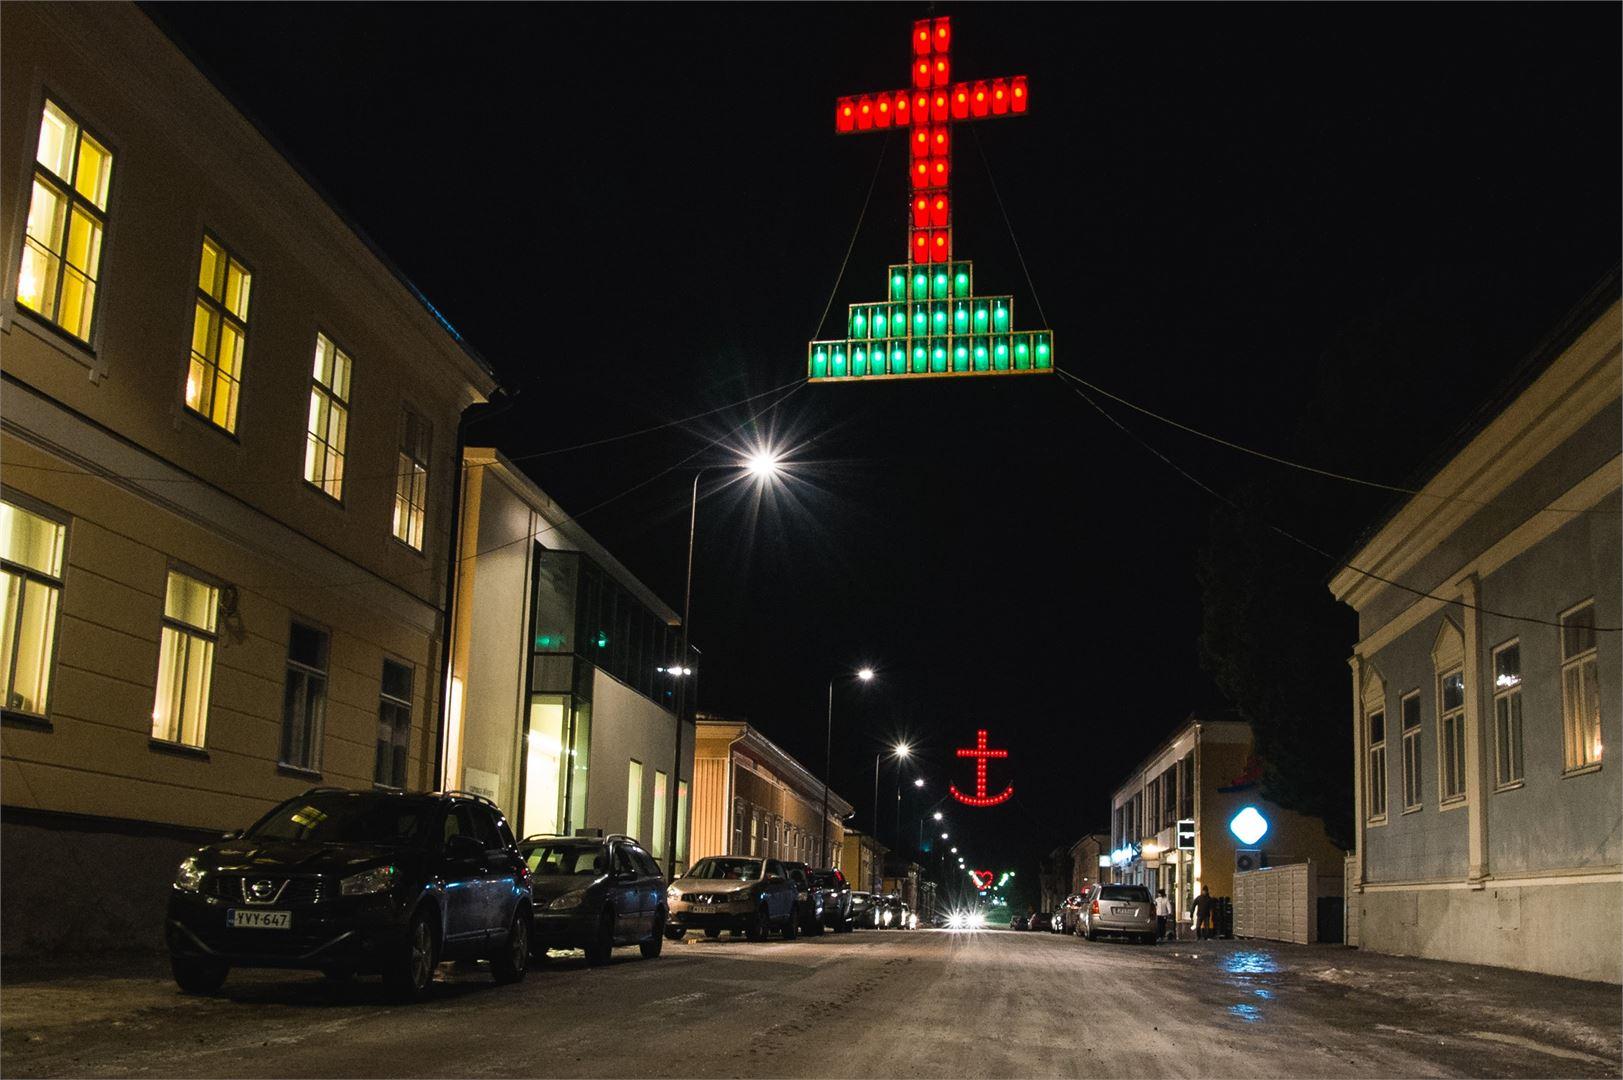 Pietarsaaren Usko-Toivo-Rakkaus -valot ovat näkemisen arvoisia.